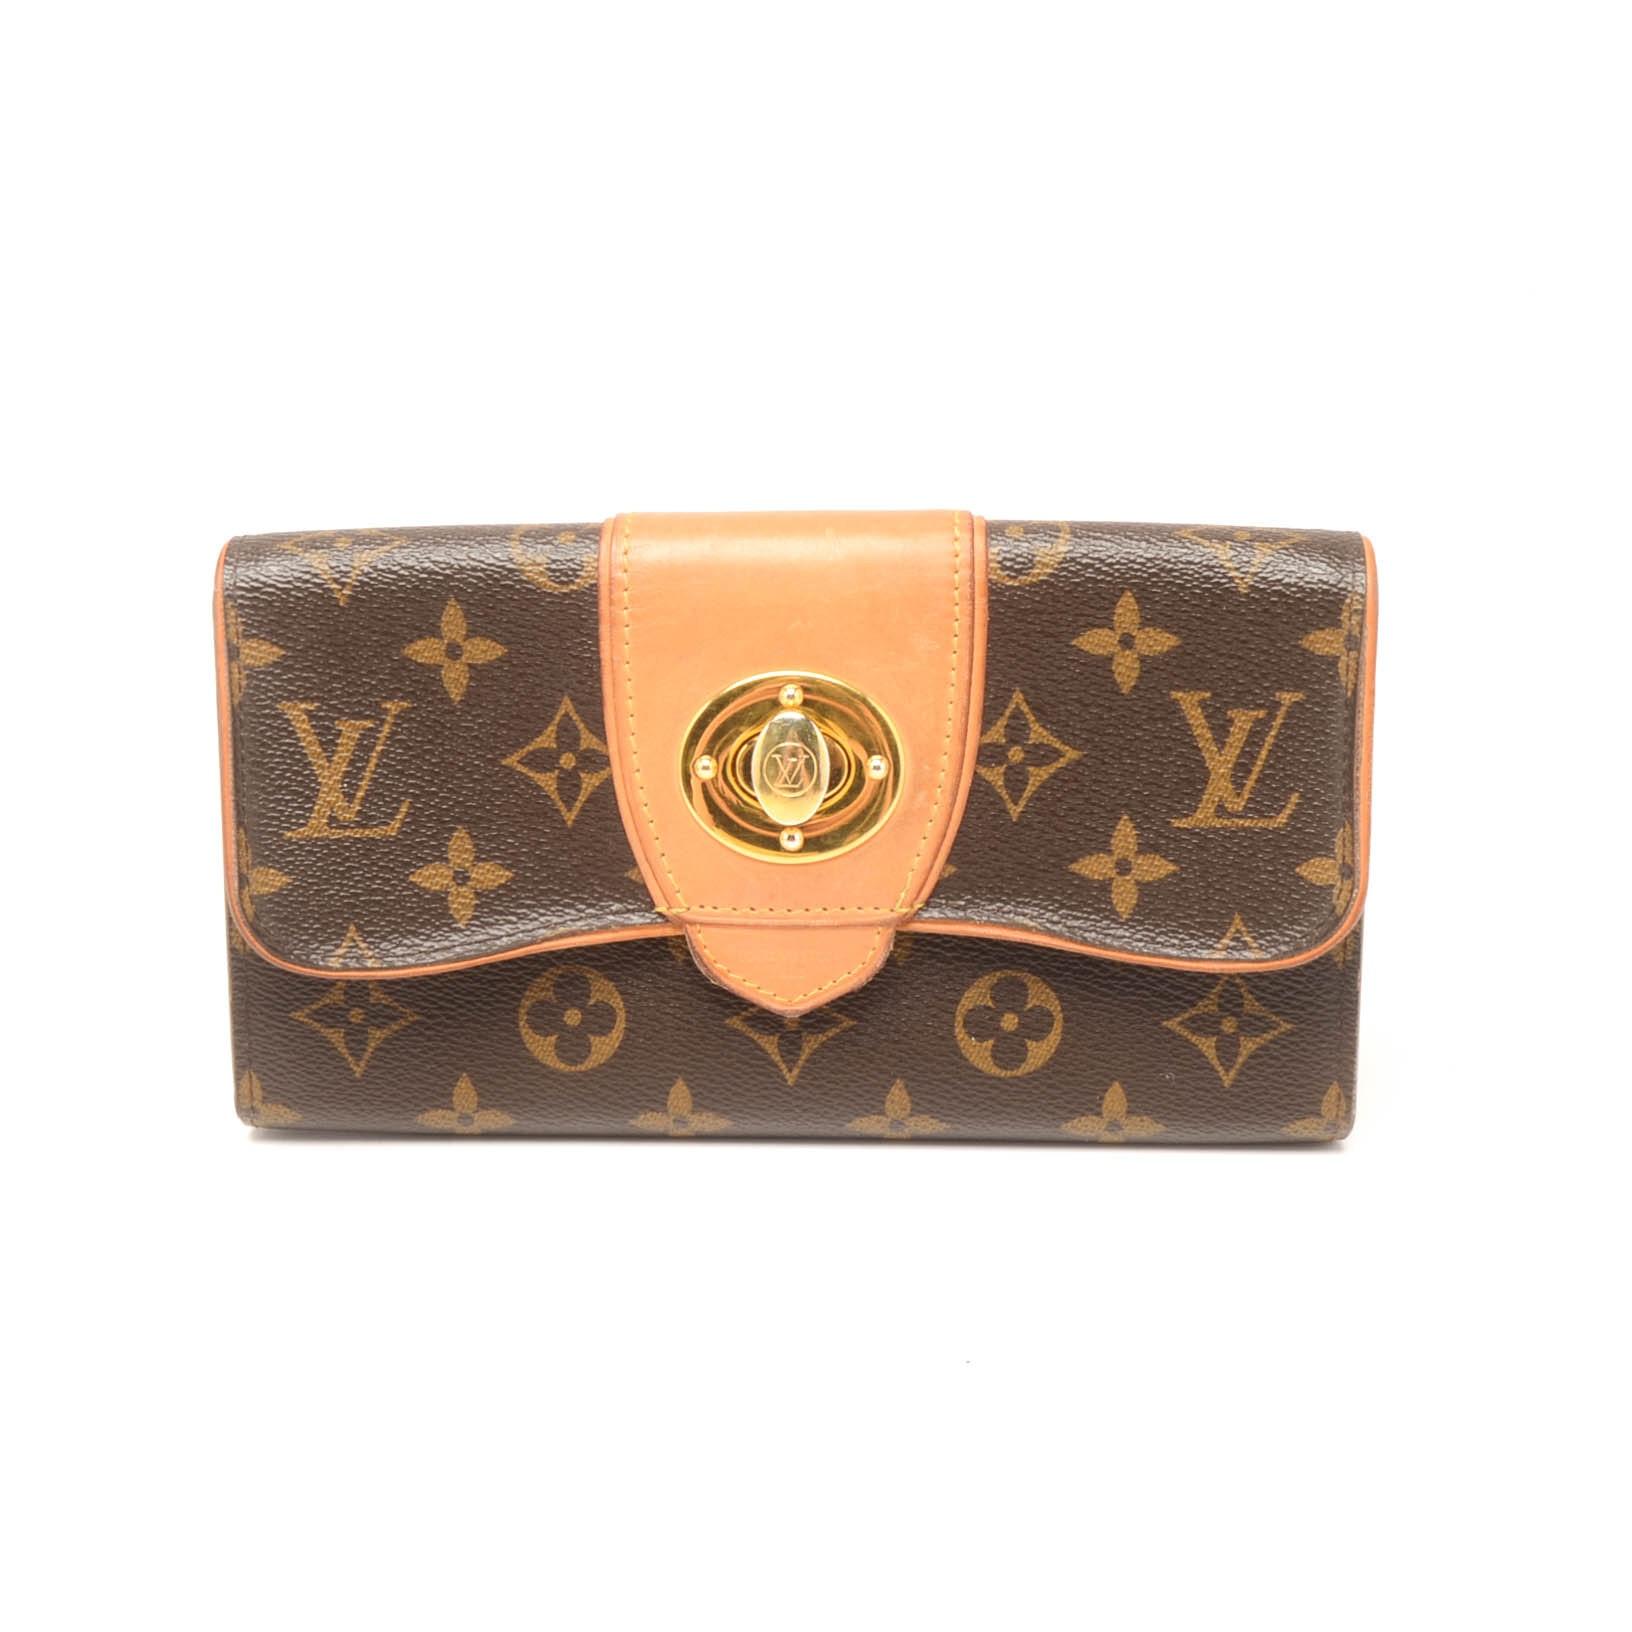 Louis Vuitton of Paris Boetie Monogram Canvas and Leather Wallet